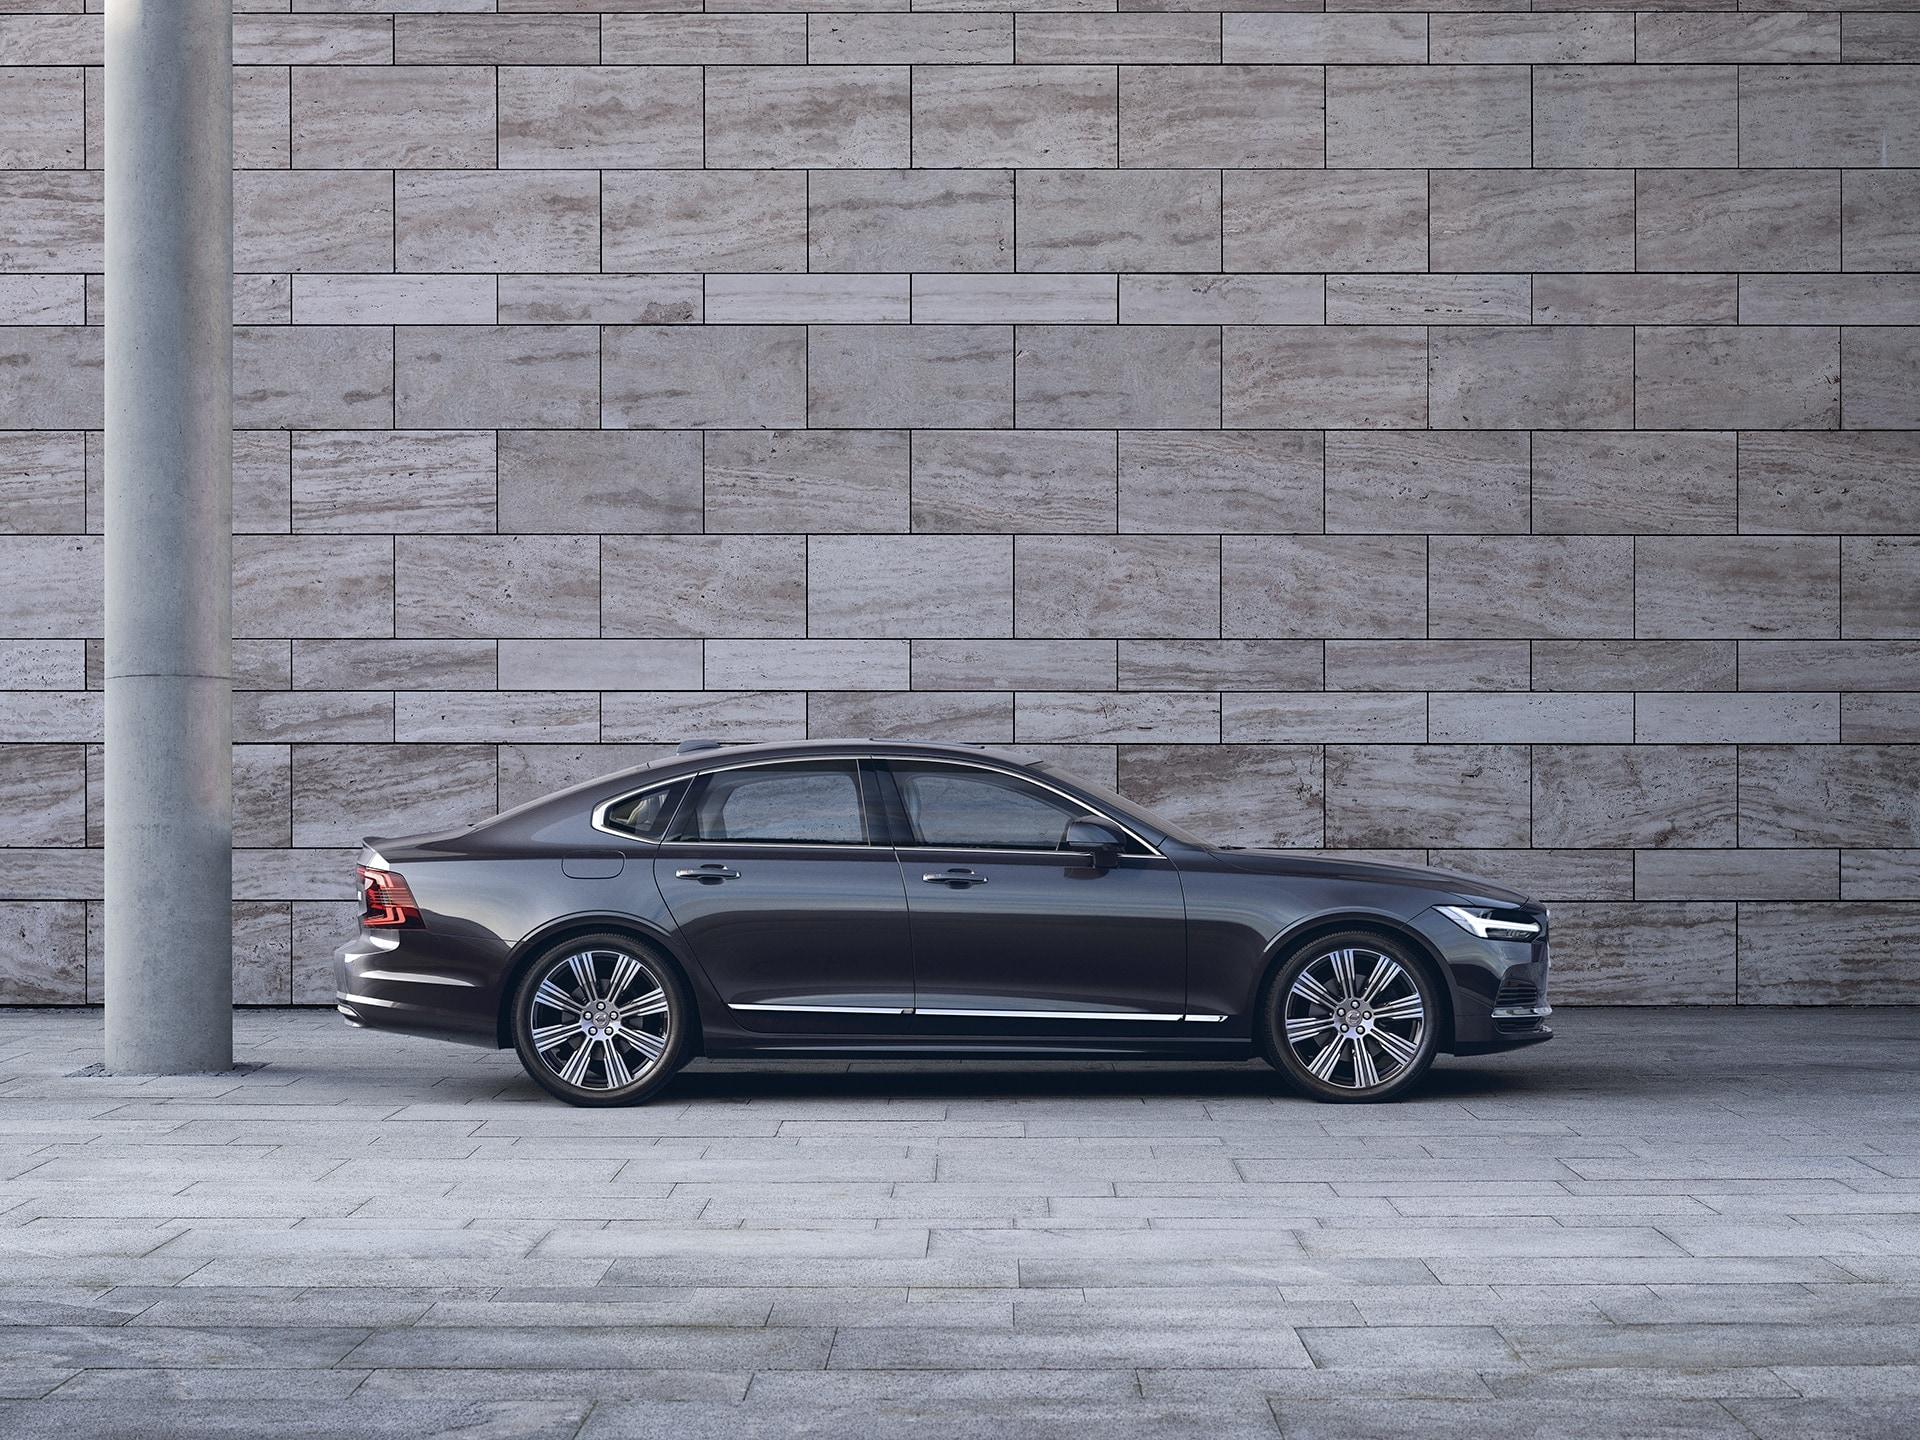 Черный Volvo S90 припаркован перед серой стеной